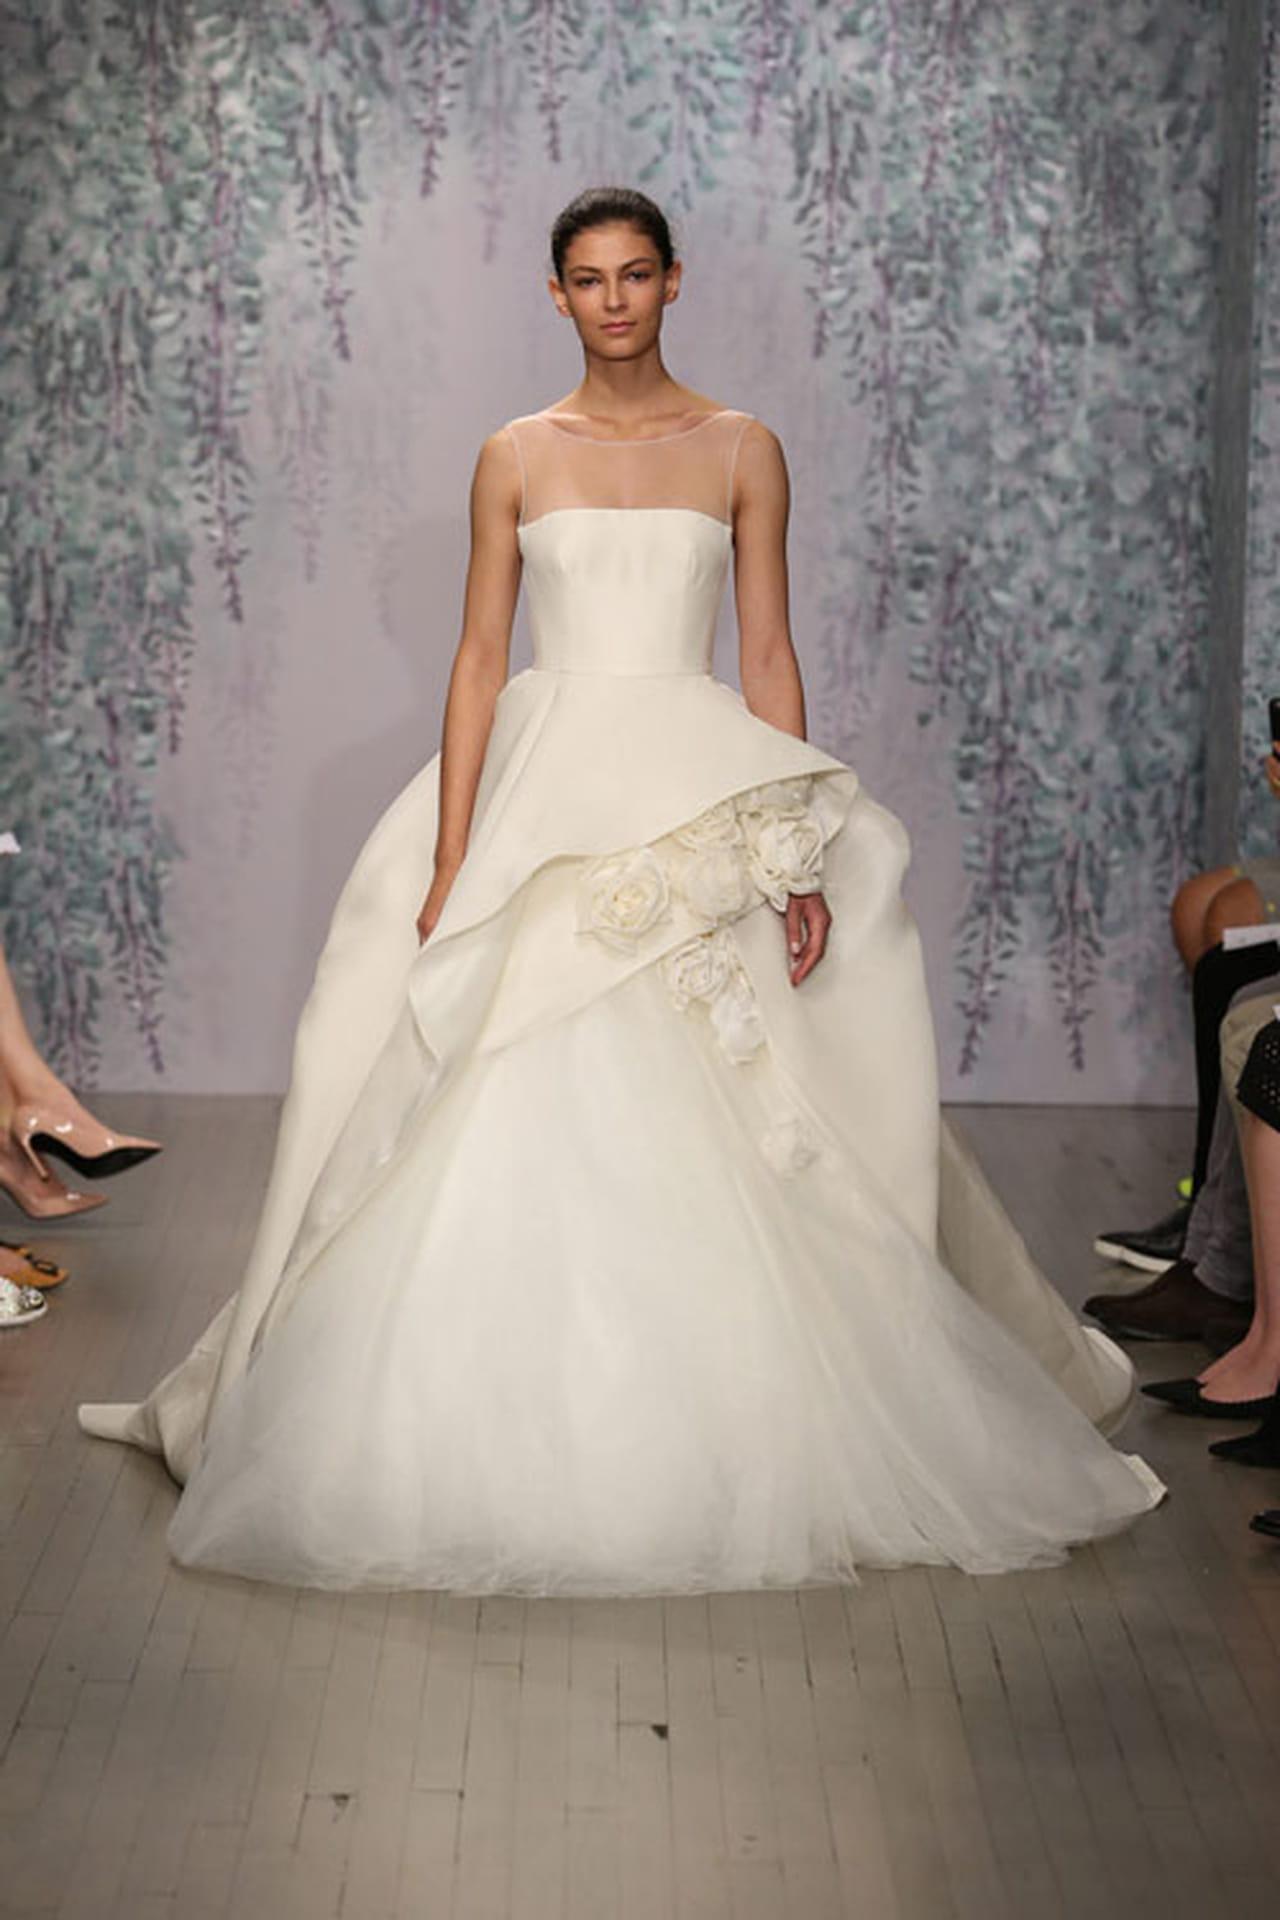 الورود تعانق فساتين زفاف مونيك